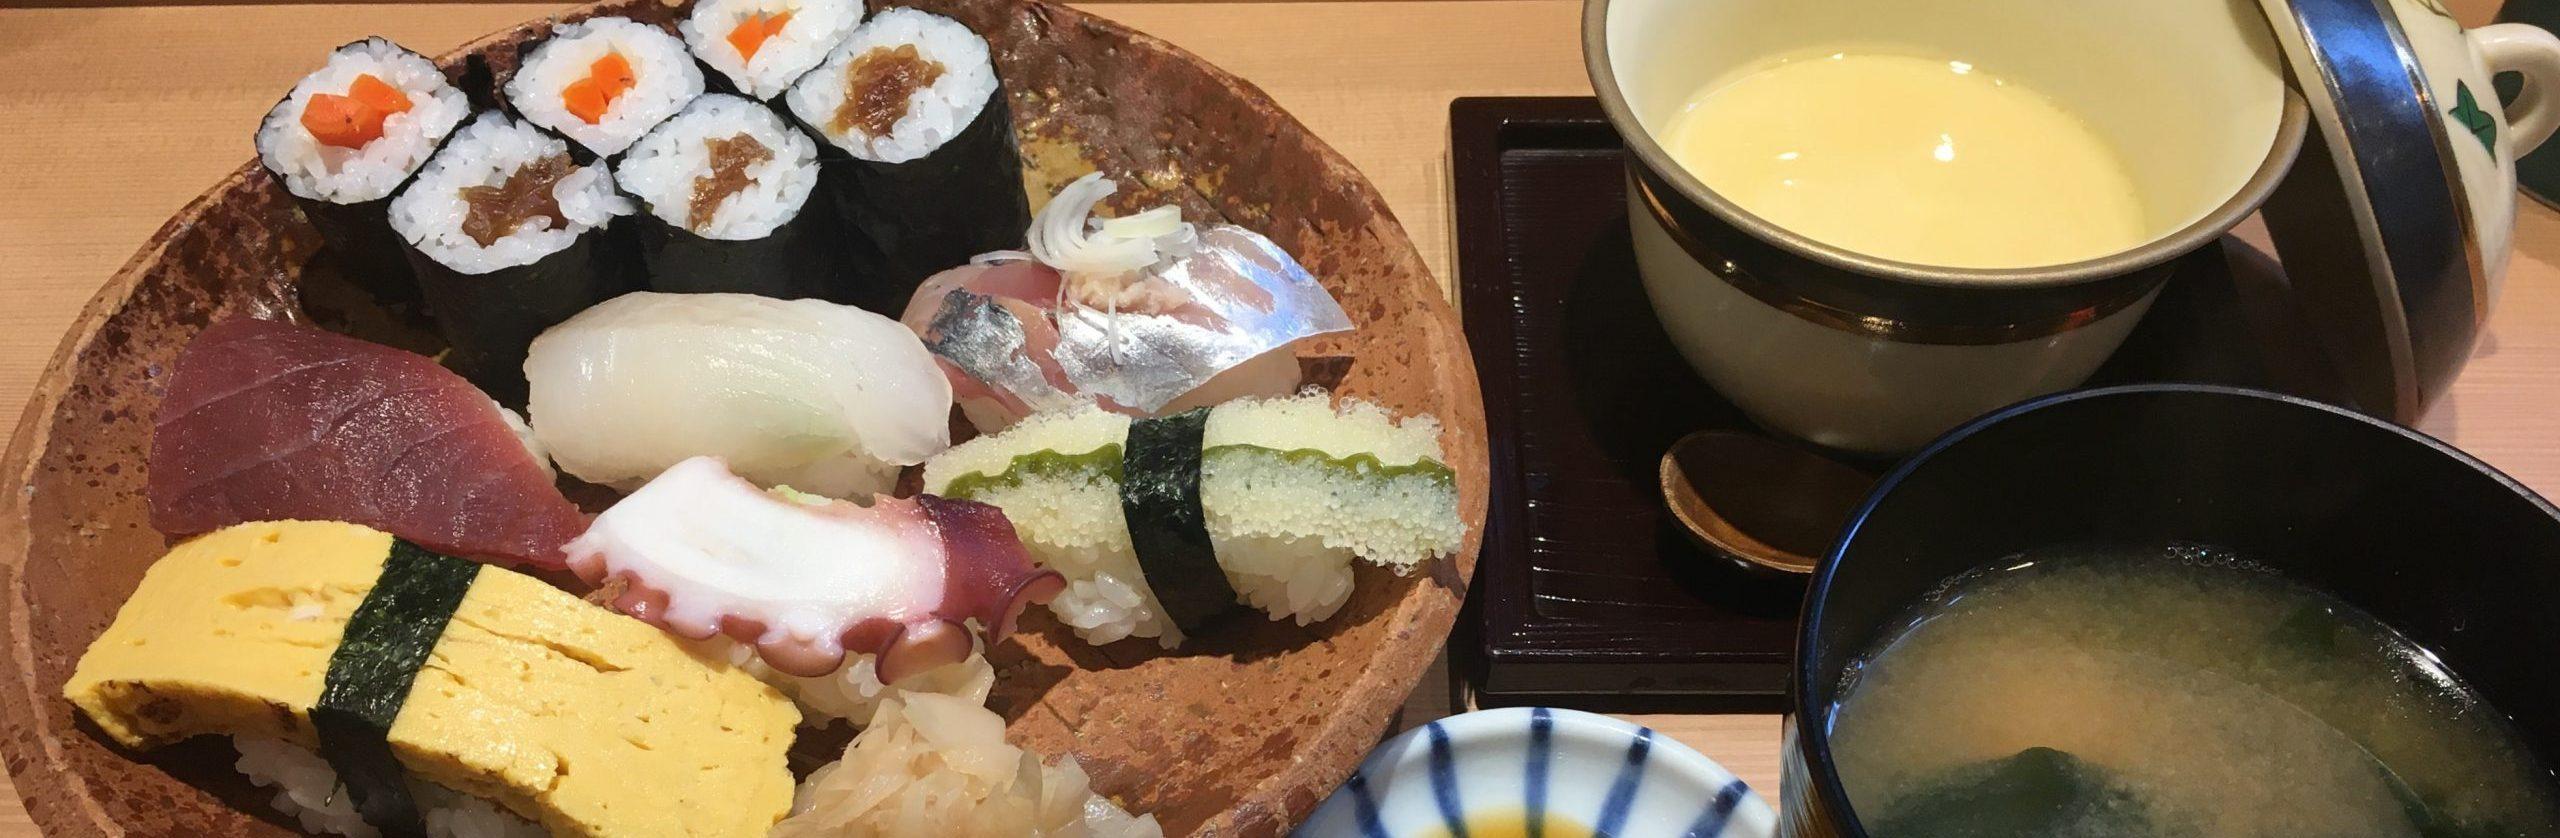 ランチ にぎり巻物セット サラダ 茶碗蒸し 味噌汁付き